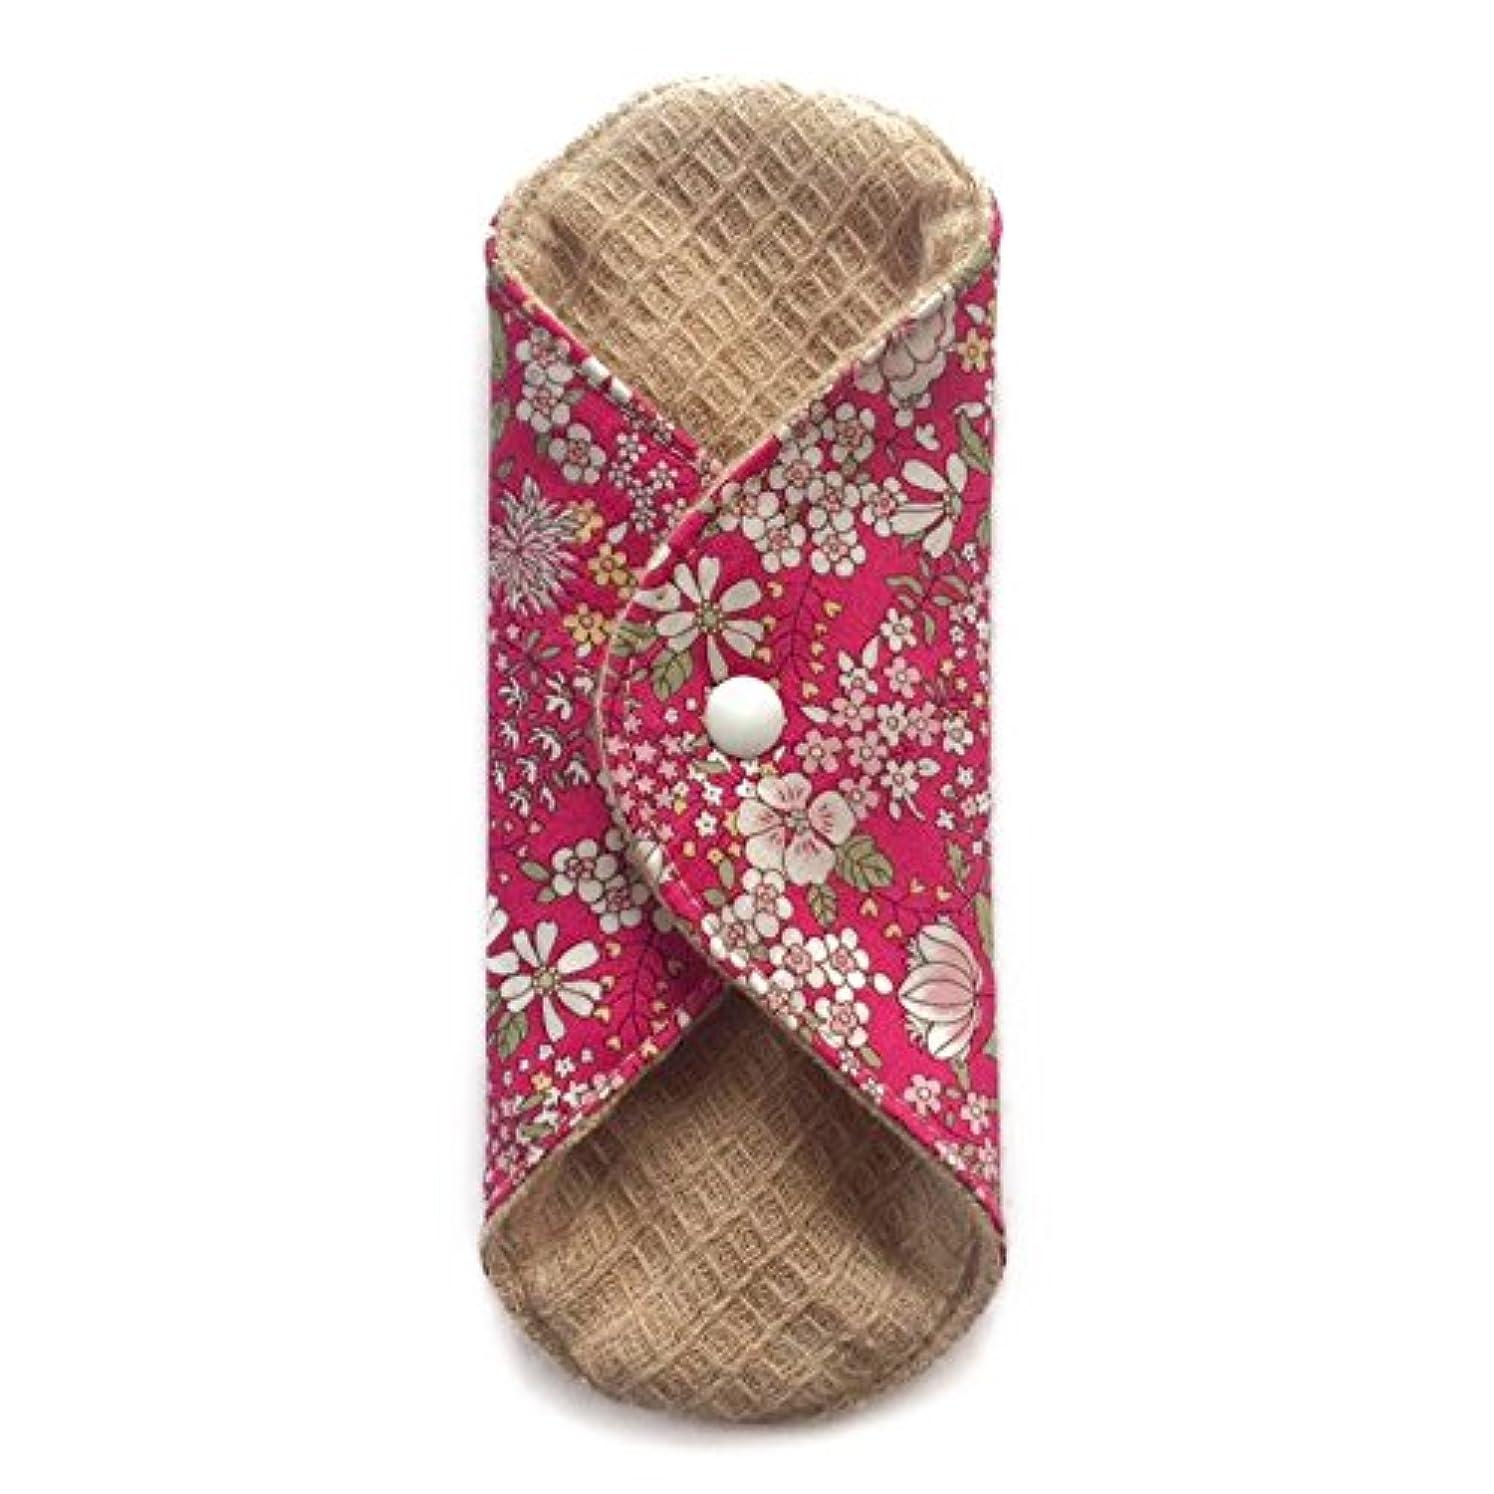 寄り添う無臭残基華布のオーガニックコットンの極み あたため布 Sサイズ (約13×約13×約0.6cm) 雅(ローズ)